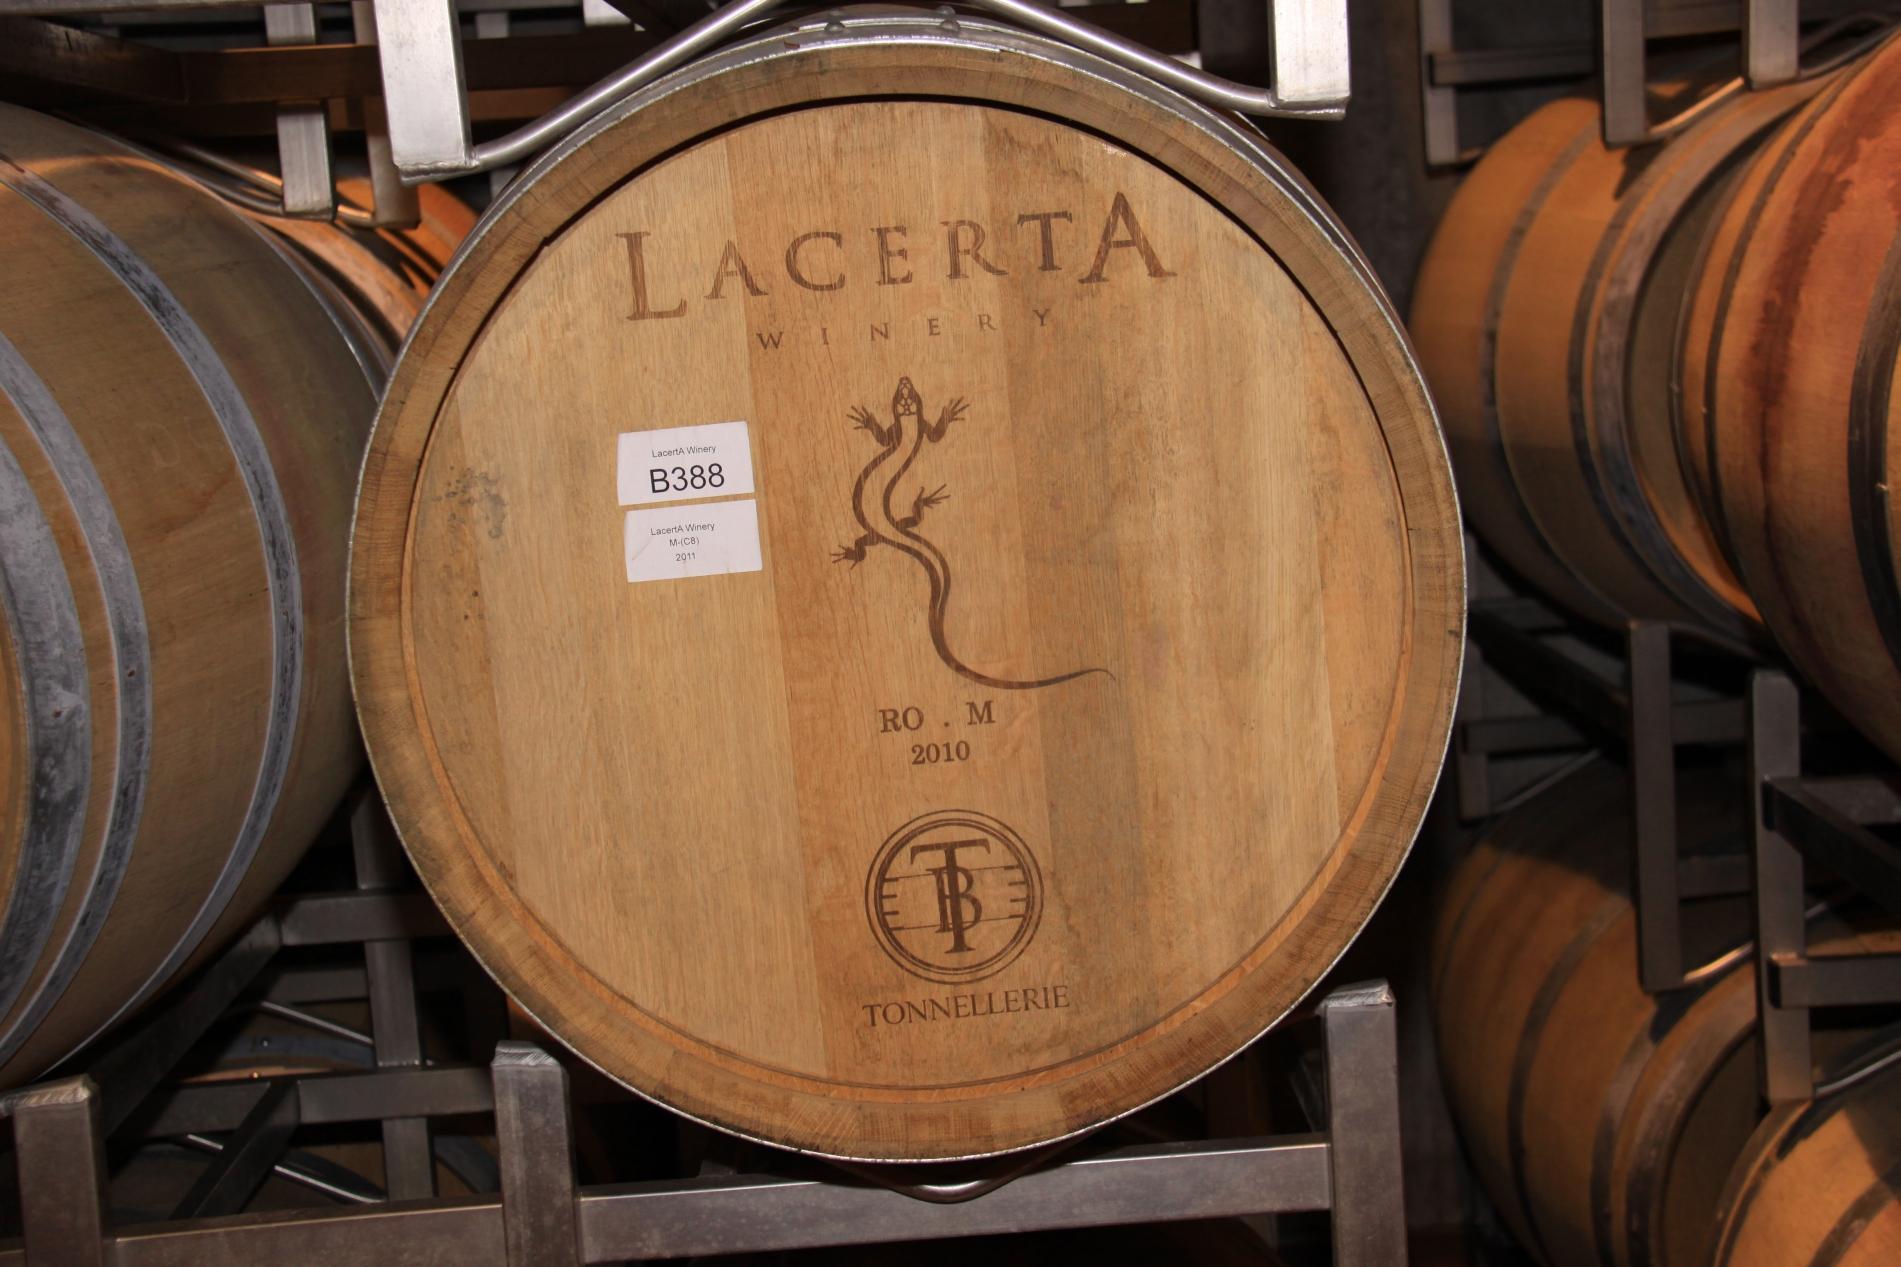 Lacerta – la o degustare de vinuri